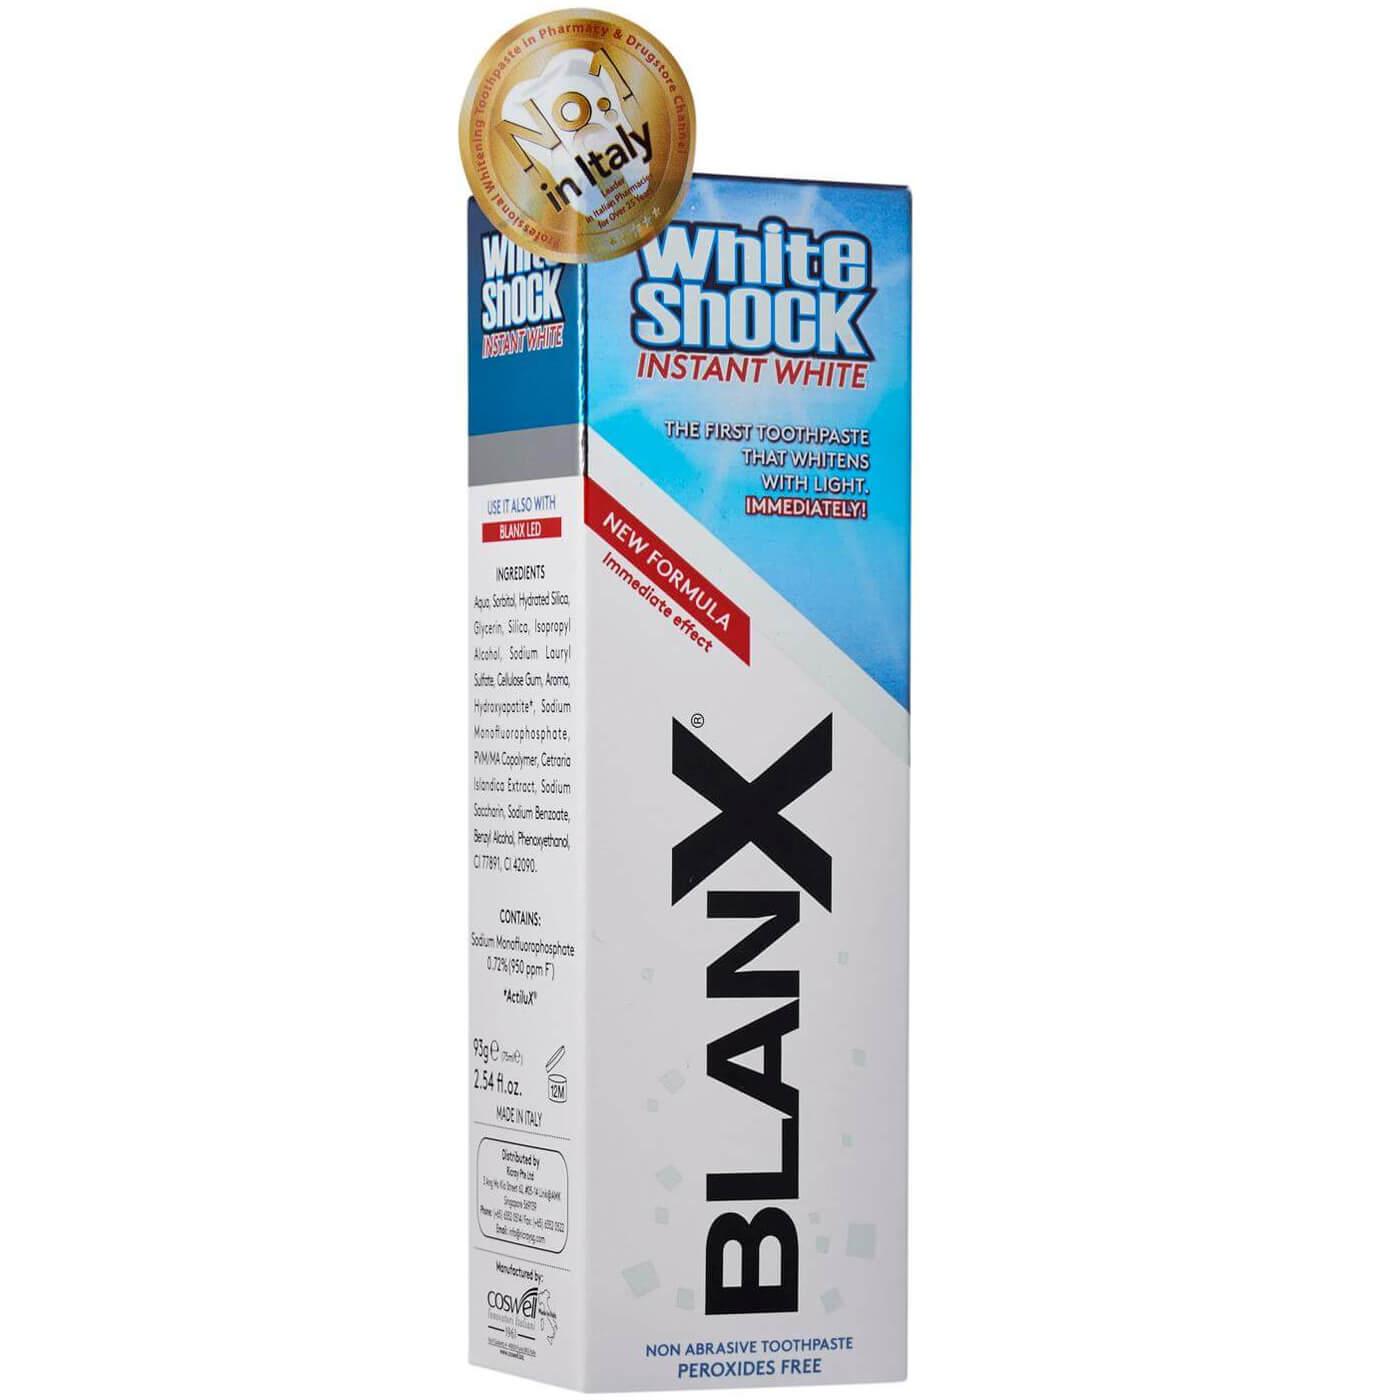 BLANX White Shock Instant White Toothpaste Λευκαντική Οδοντόκρεμα Ταχείας Δράσης 75ml